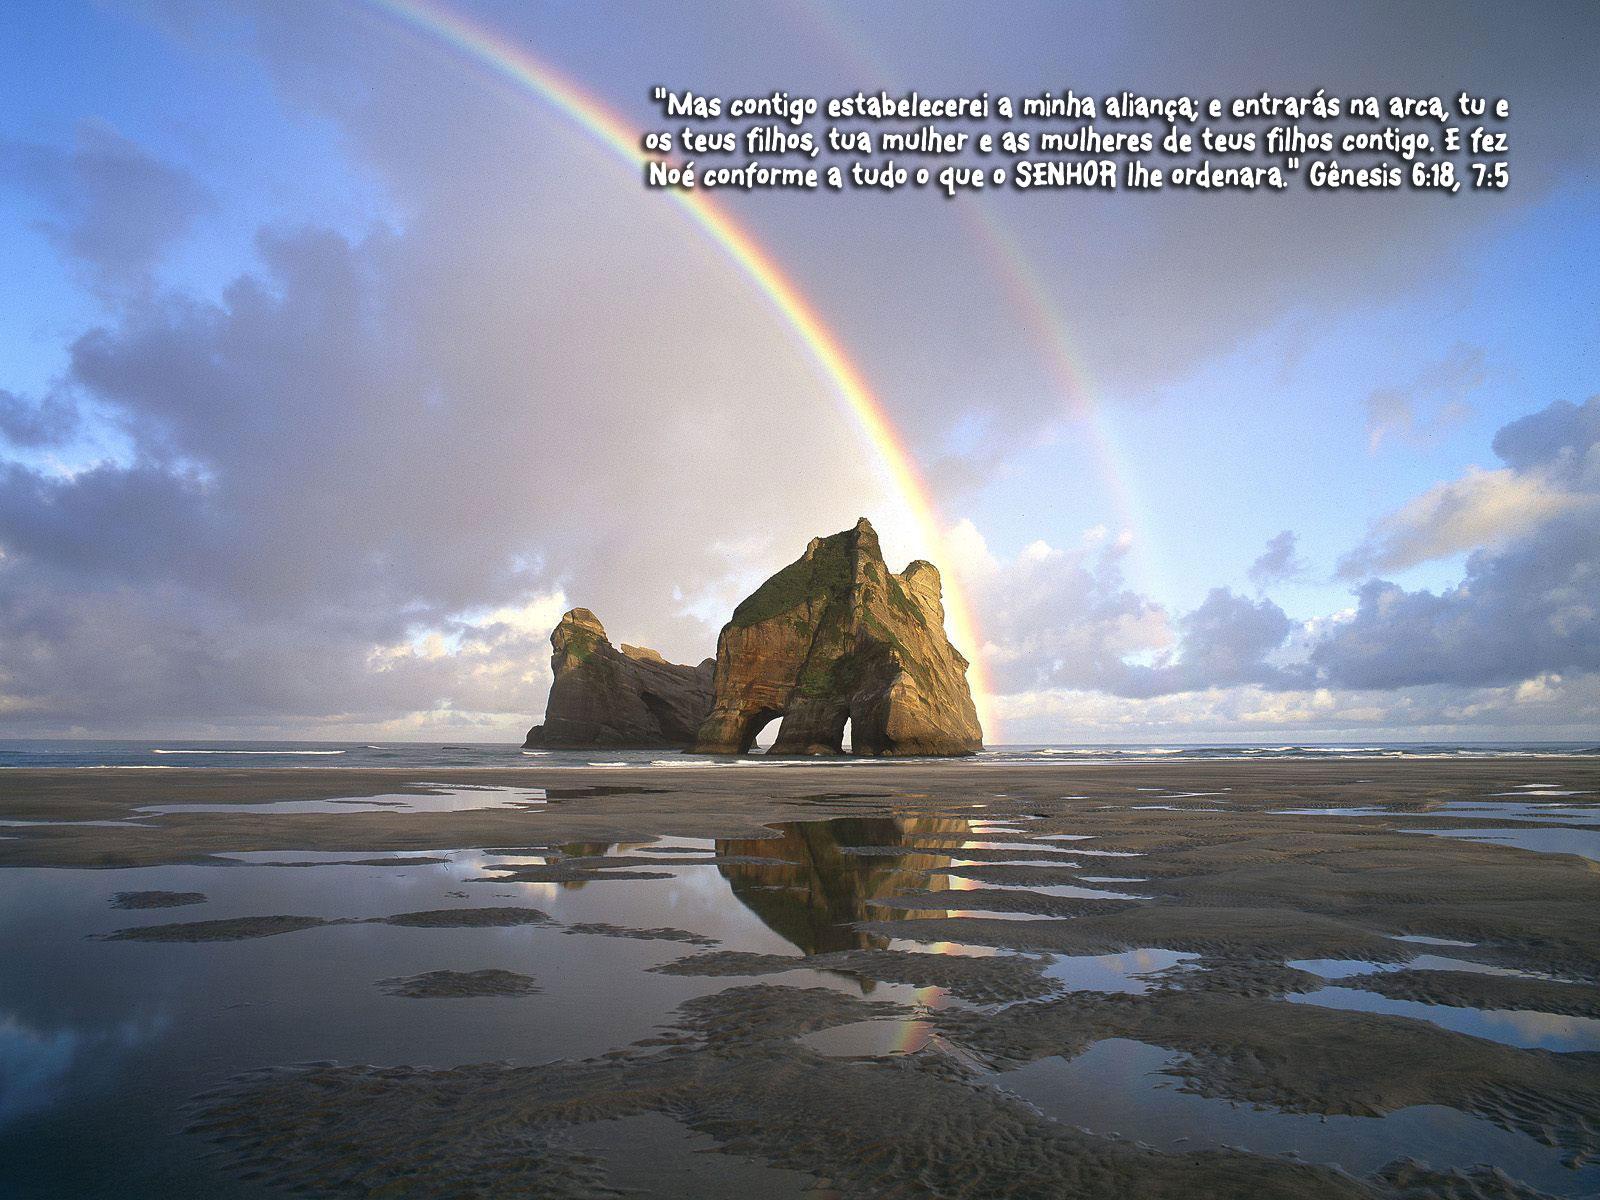 http://devocionaldiario.com.br/imagens/coastal_rainbow.jpg